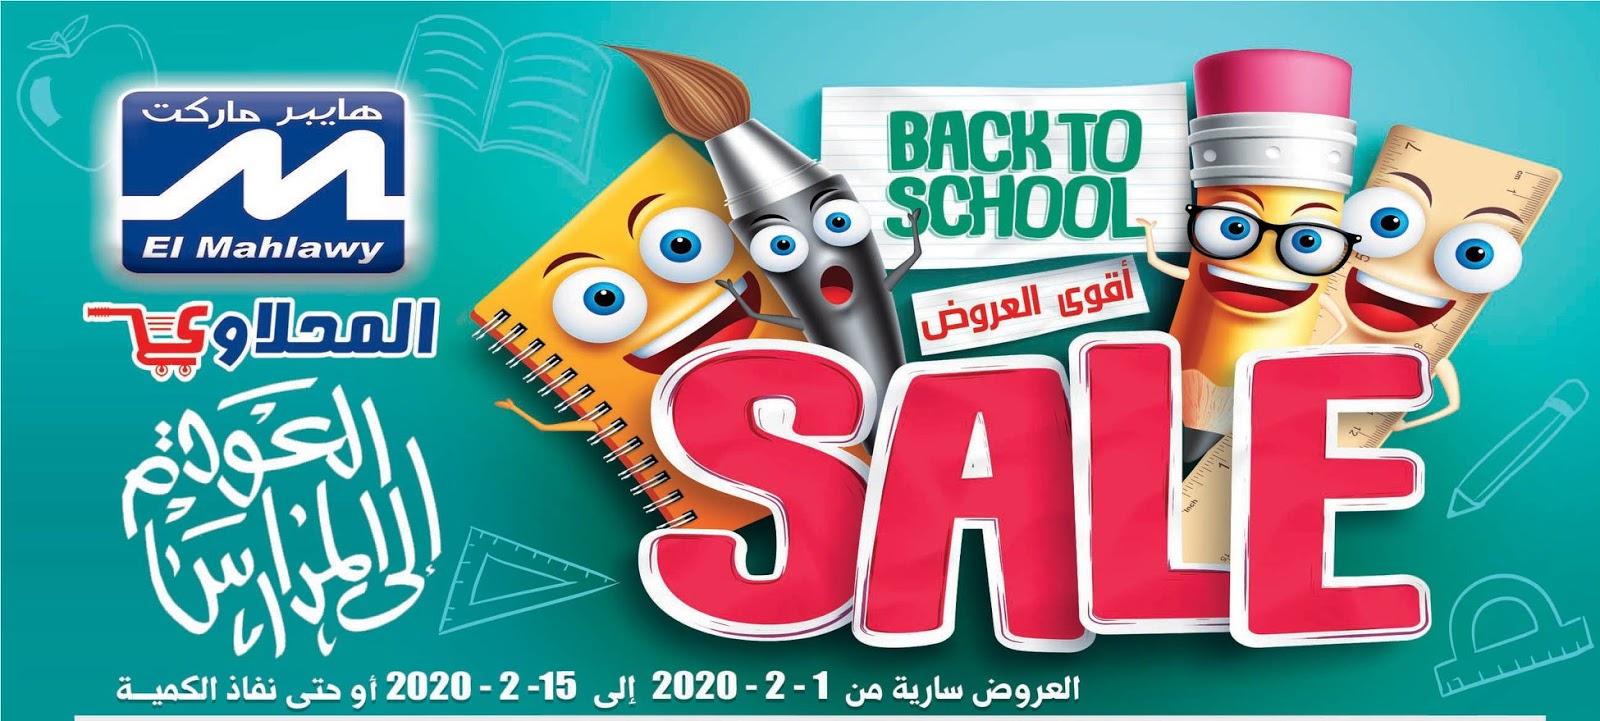 عروض المحلاوى من 1 فبراير حتى 15 فبراير 2020 العودة الى المدارس